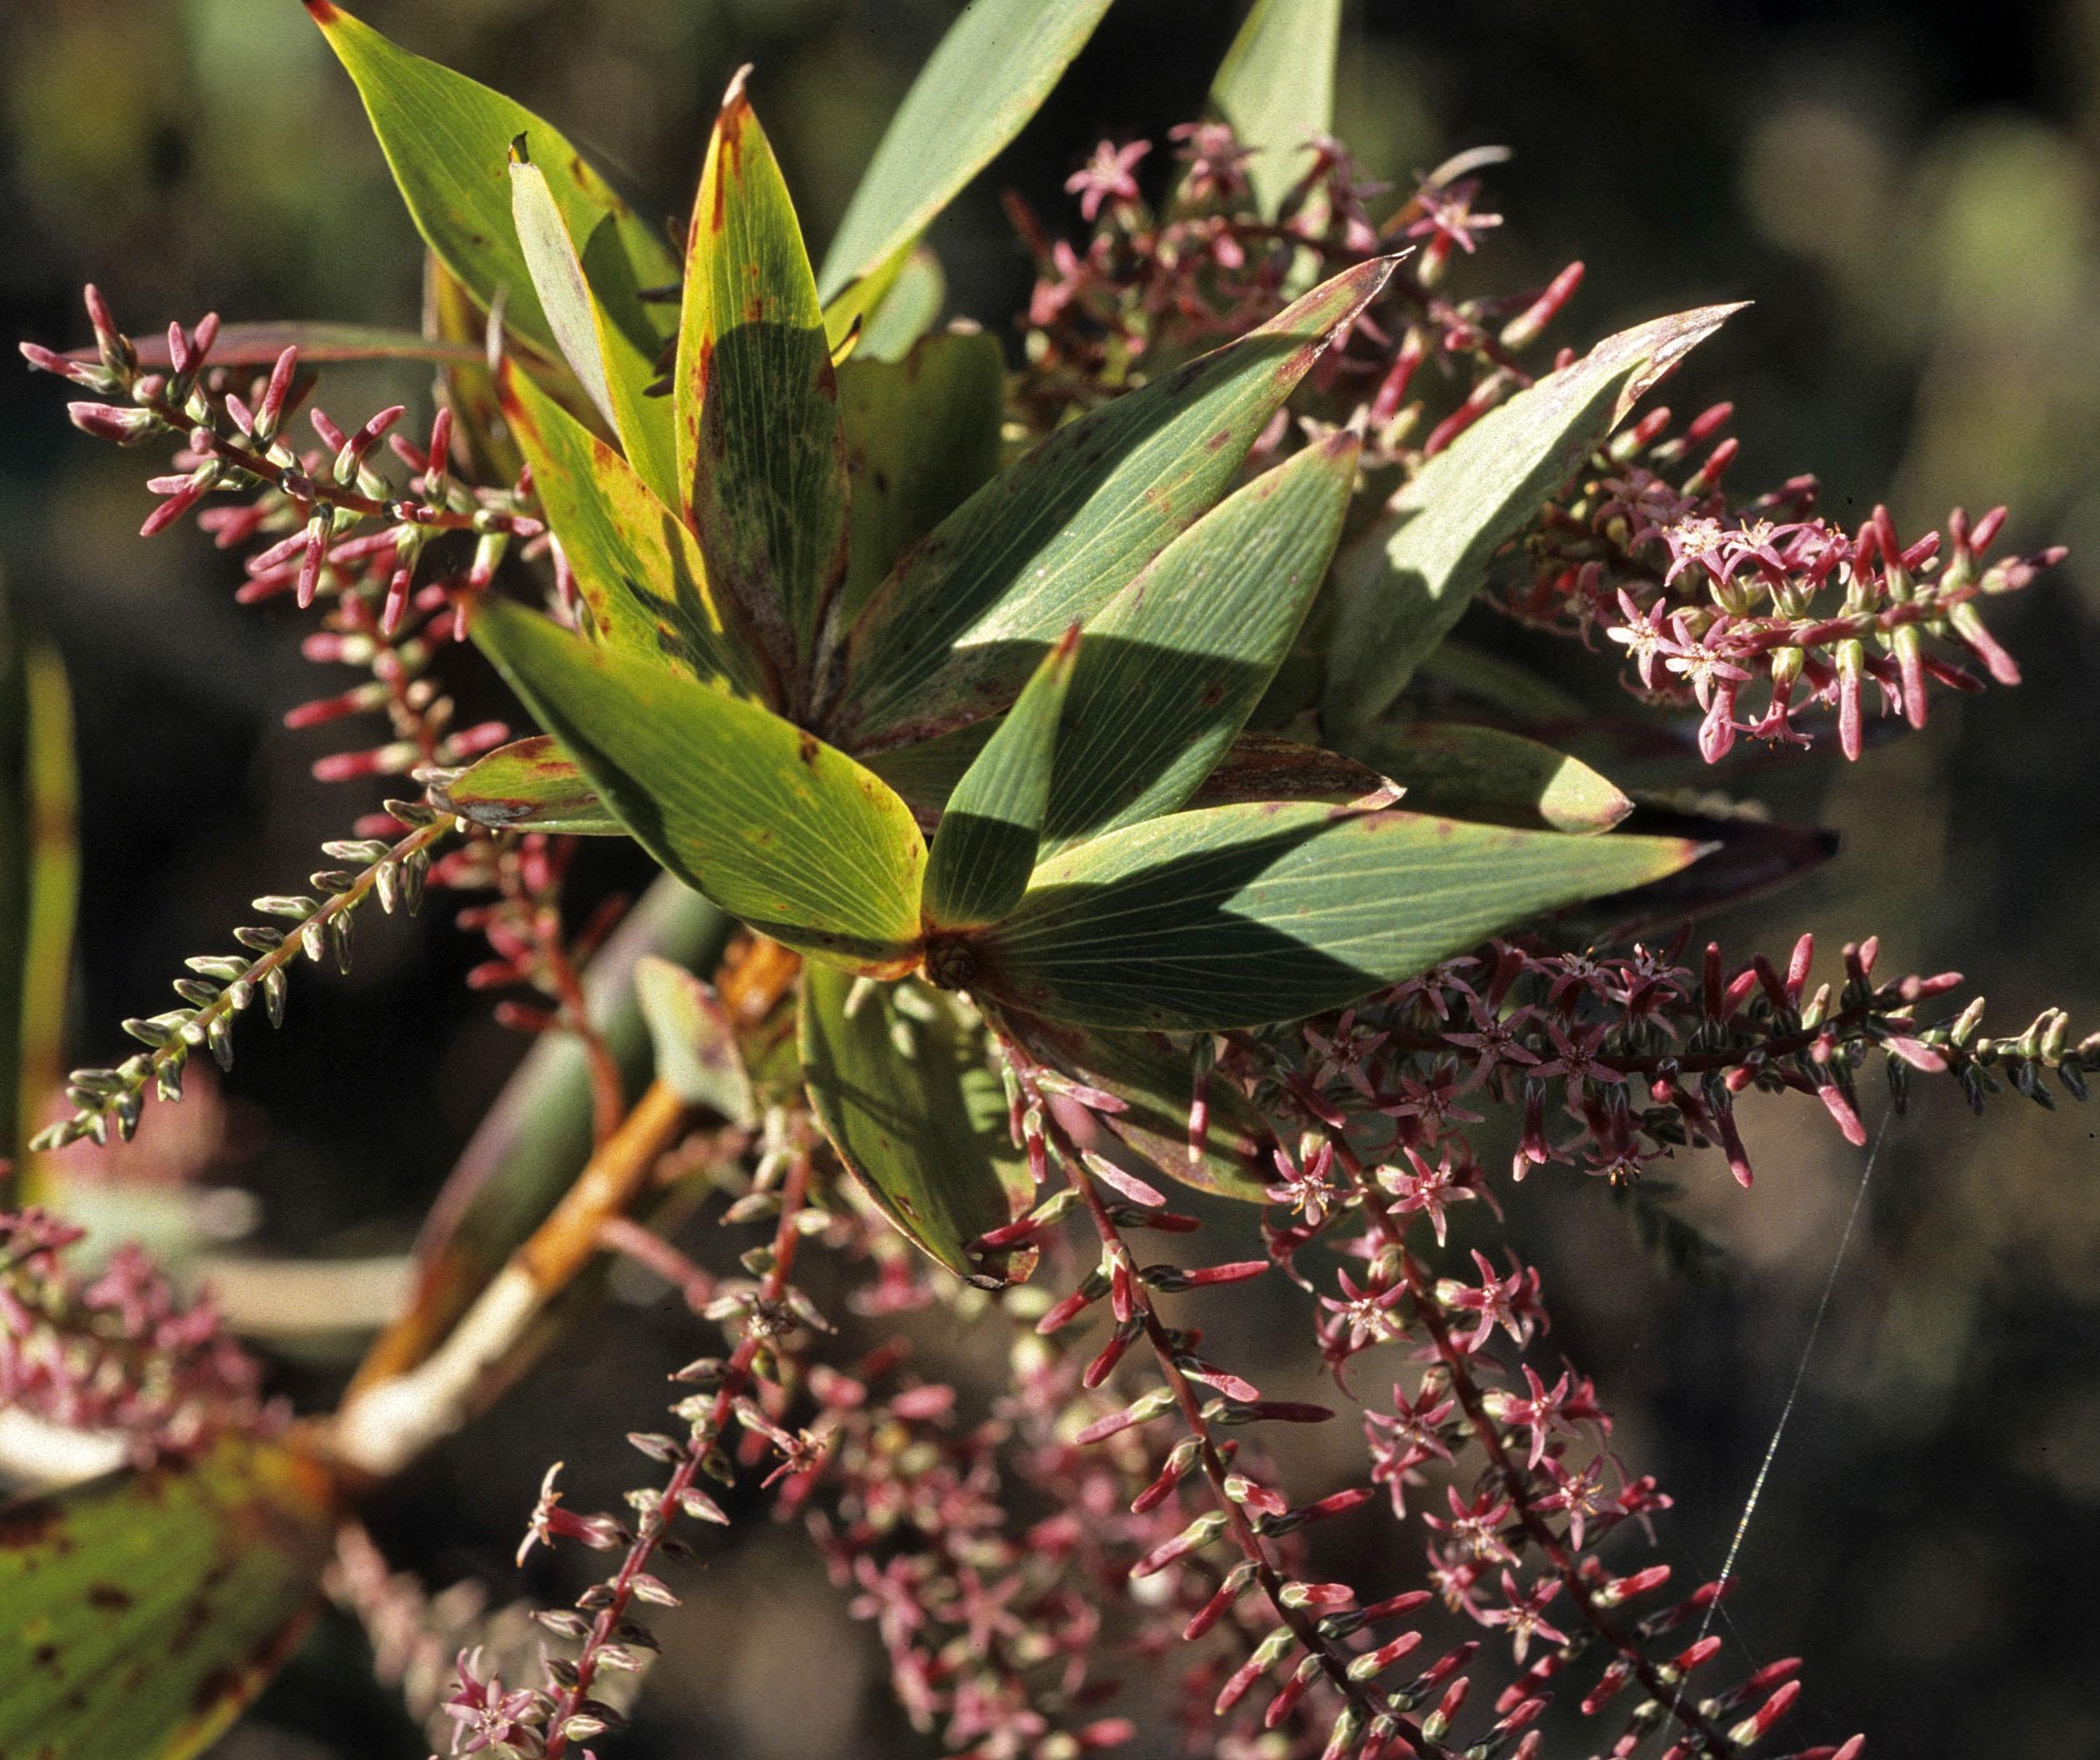 Leucopogon verticillatus